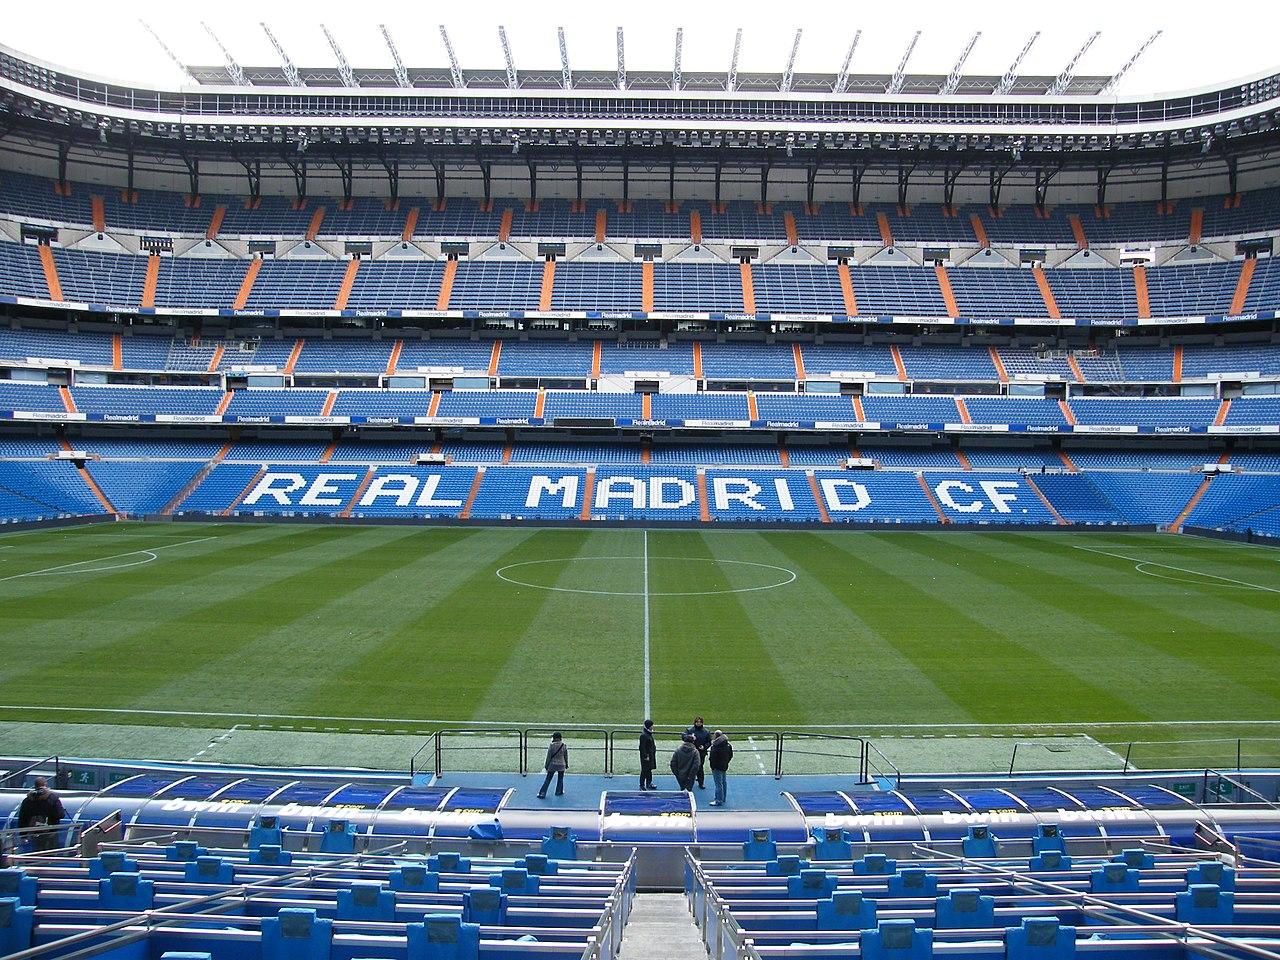 Работы над обновлением стадиона «Сантьяго Бернабеу» начнутся в мае